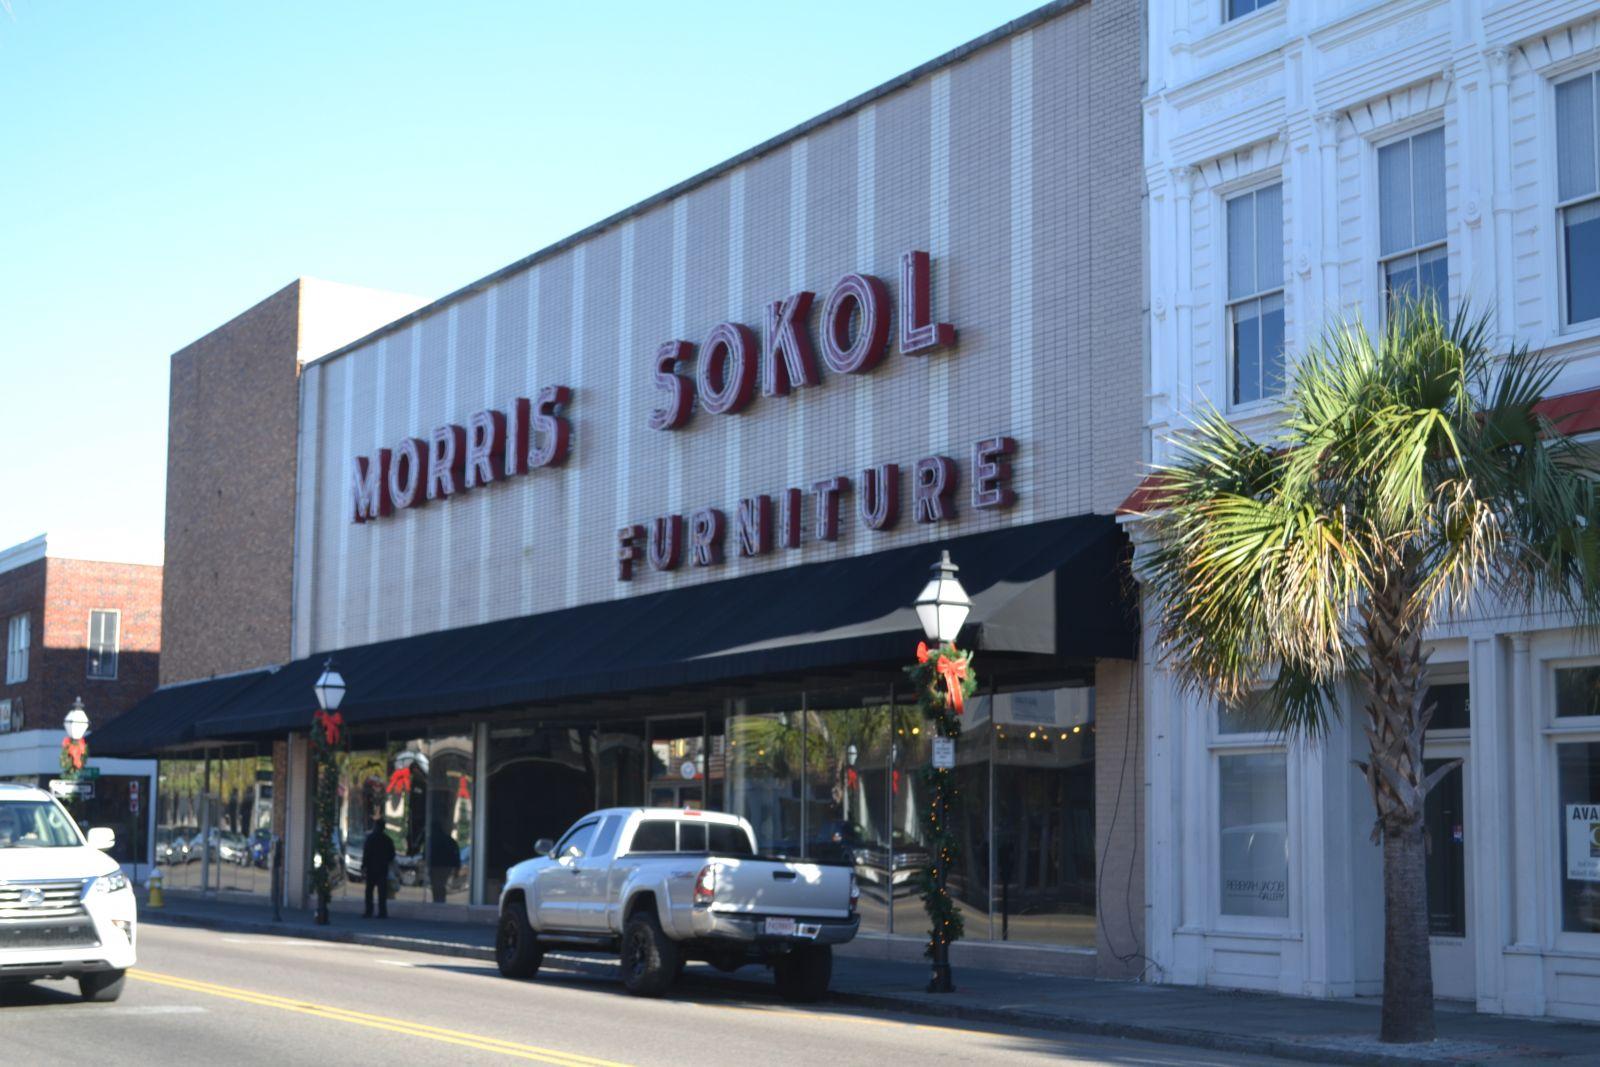 Owner Joe Sokol Closed The Morris Furniture At 510 King St In